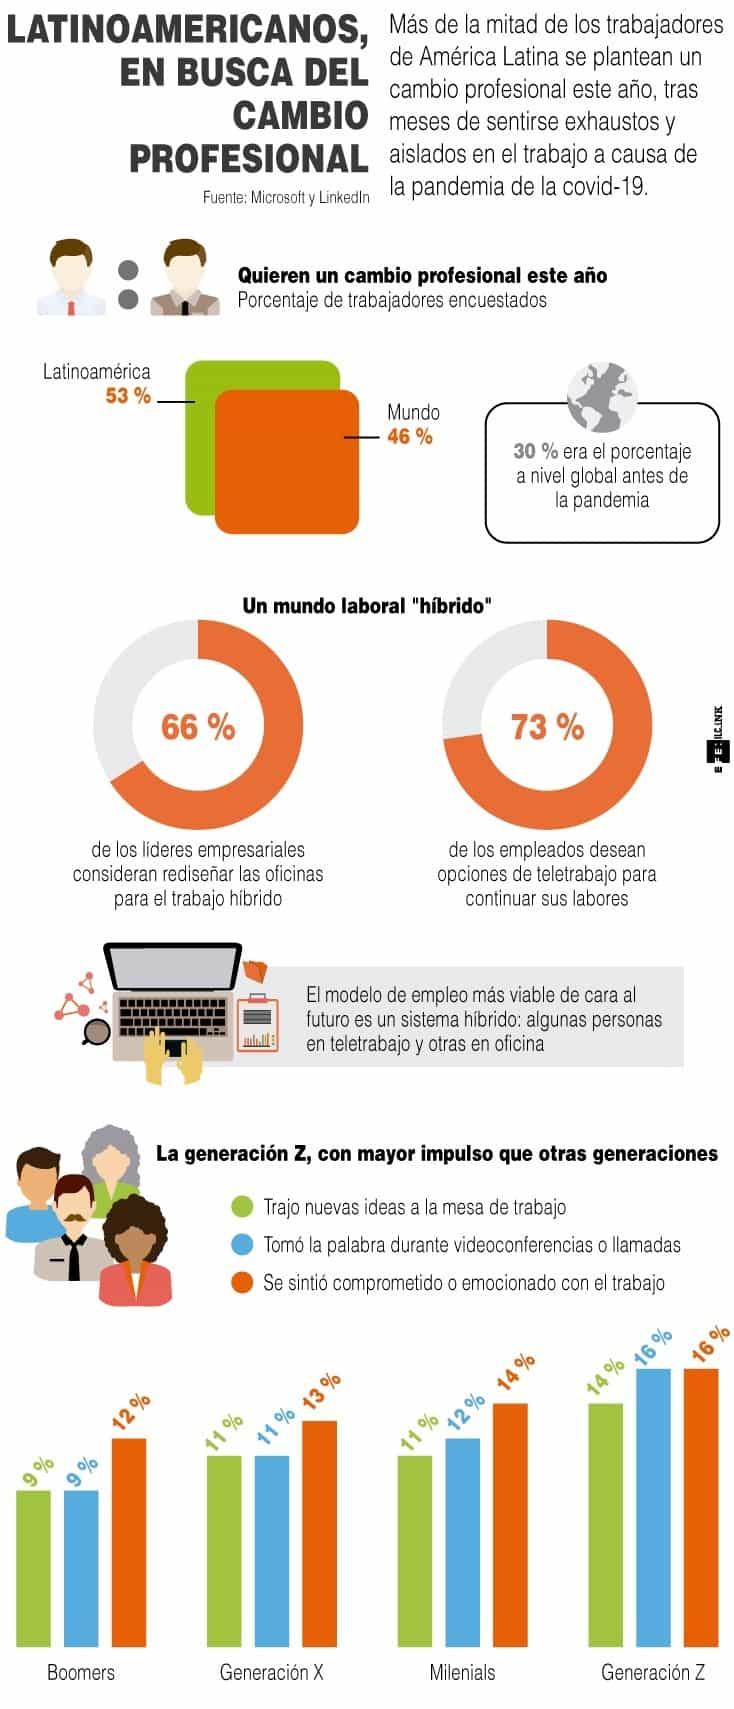 [Infografía] - Latinoamericanos, en busca del cambio profesional 1